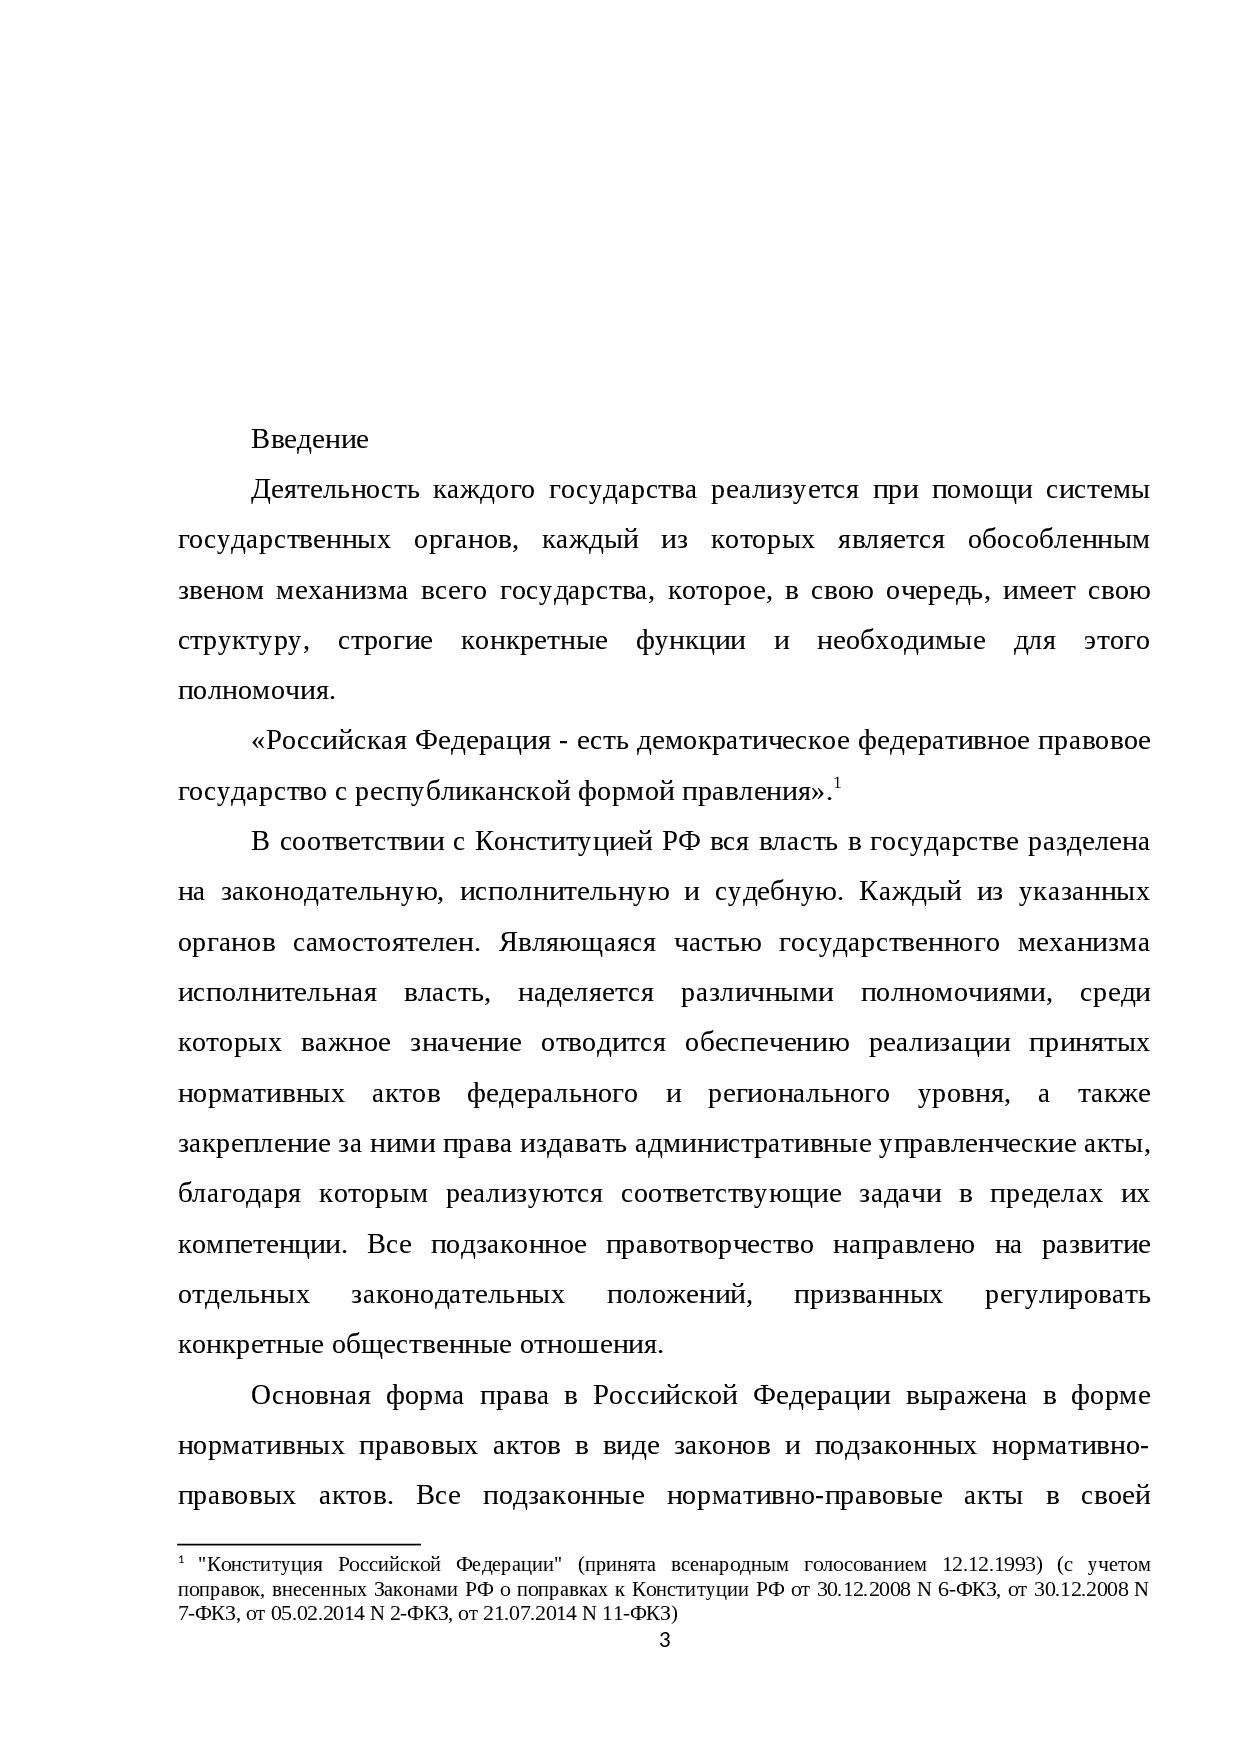 Нормативные правовые акты (нпа) — что это такое, их виды и примеры нпа в рф | ktonanovenkogo.ru